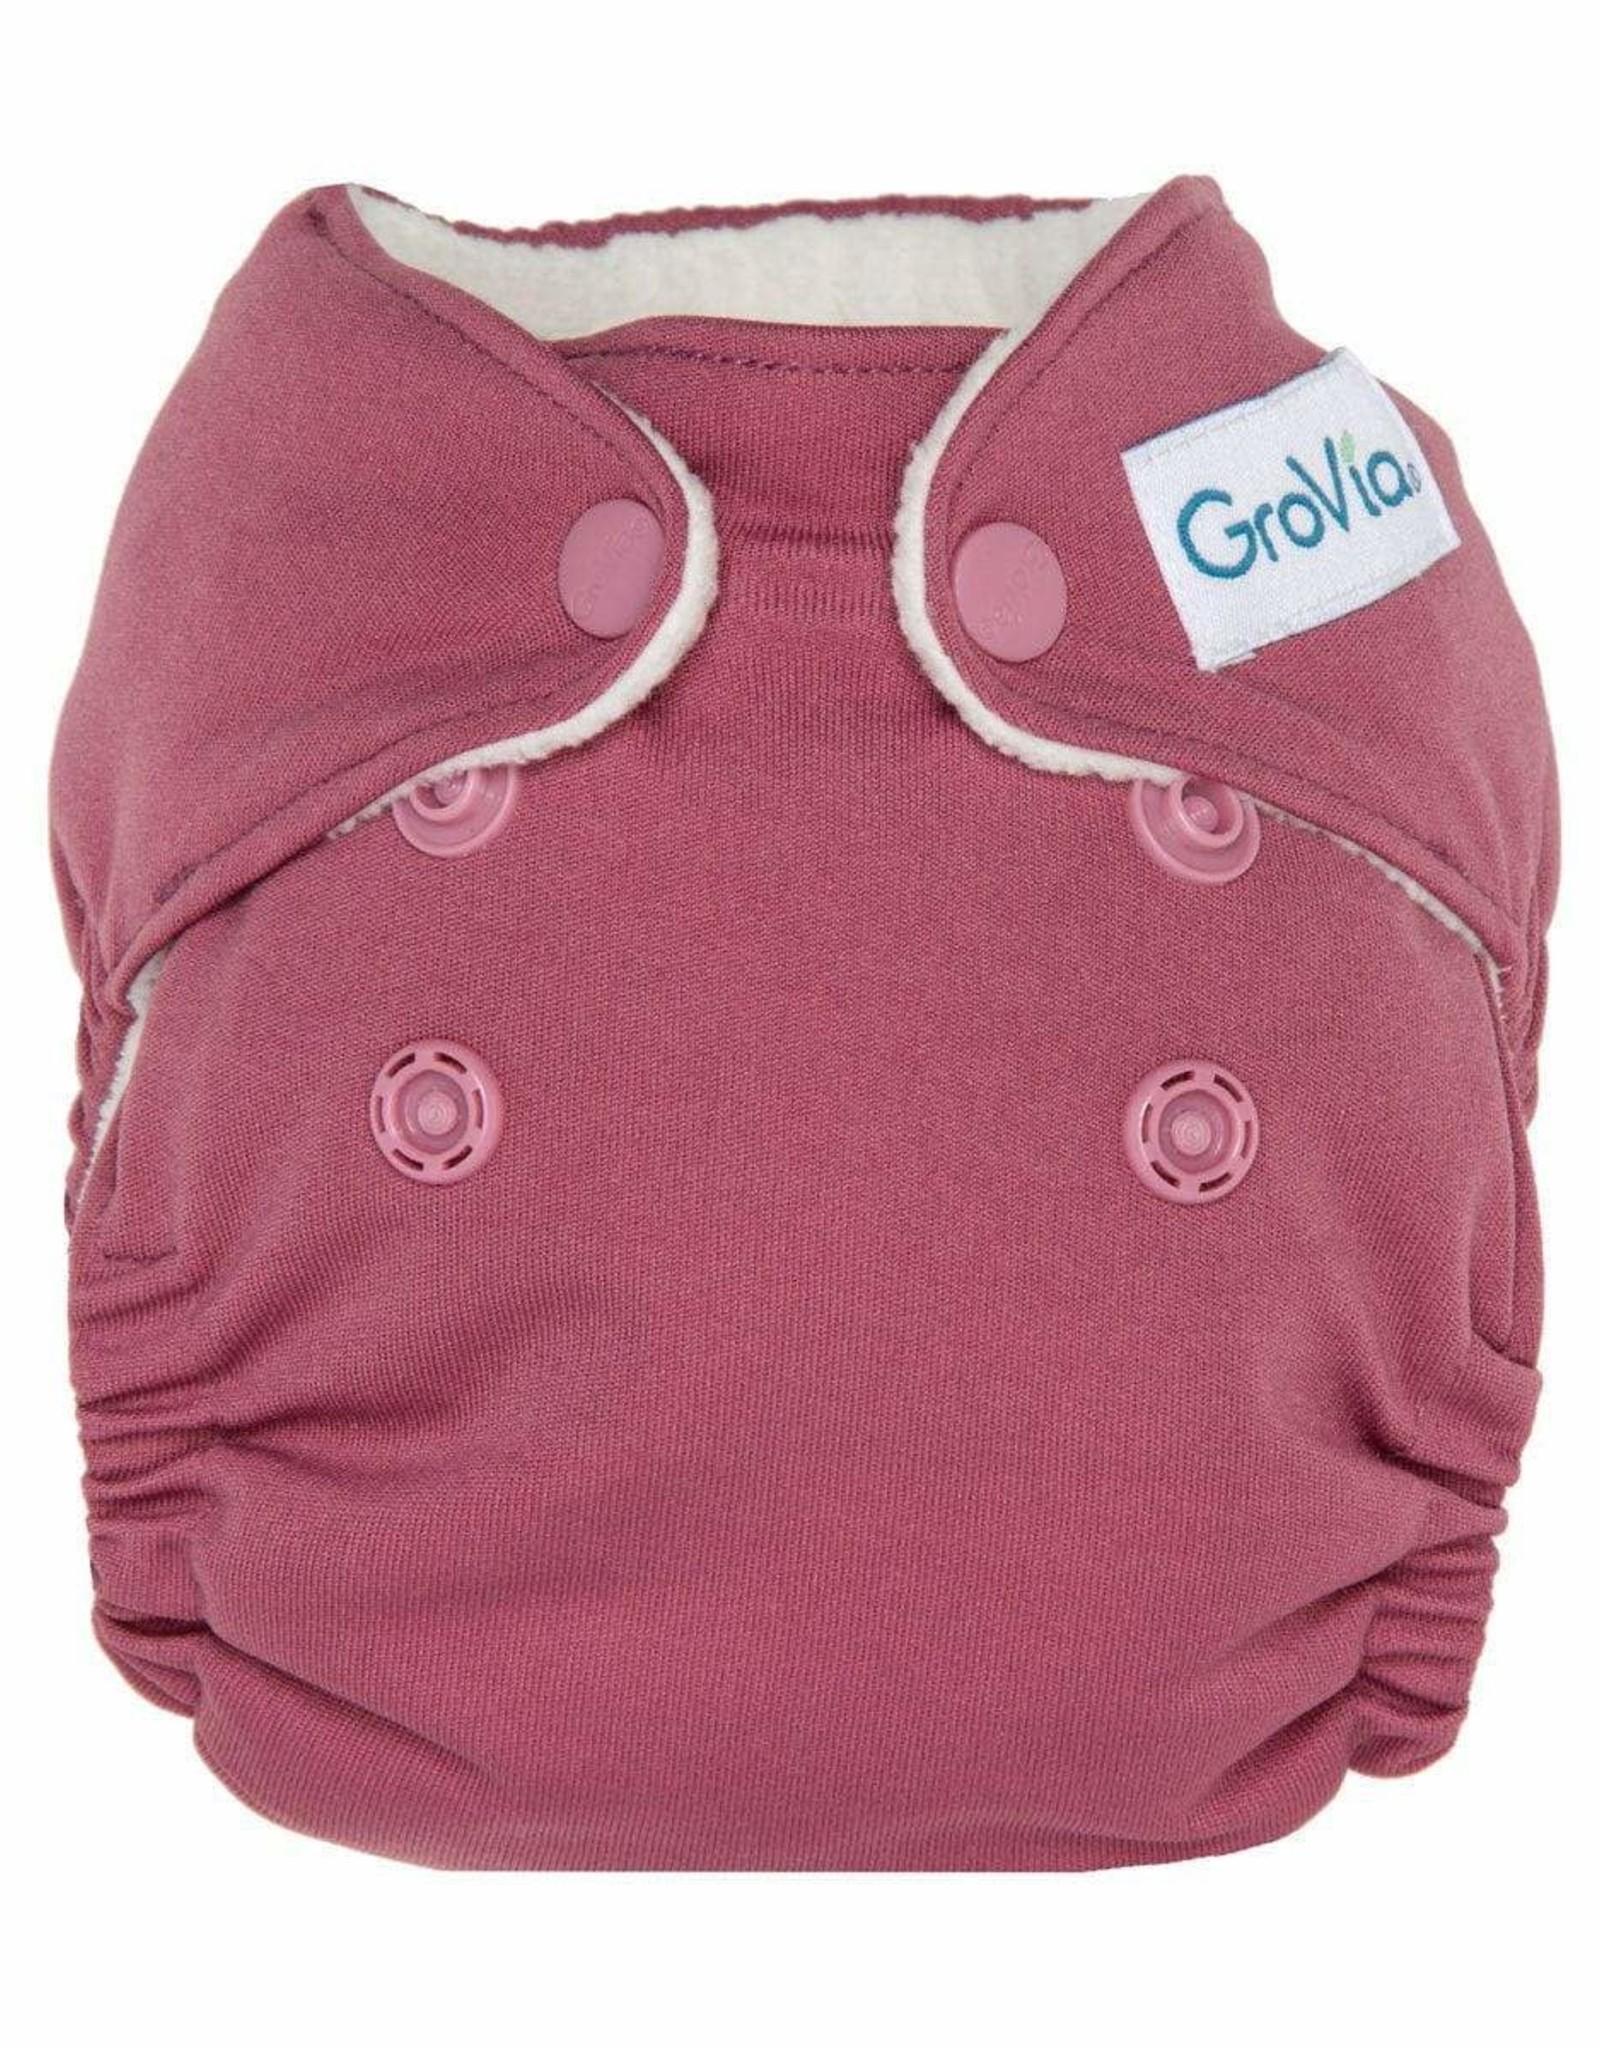 GroVia GroVia Newborn AIO,